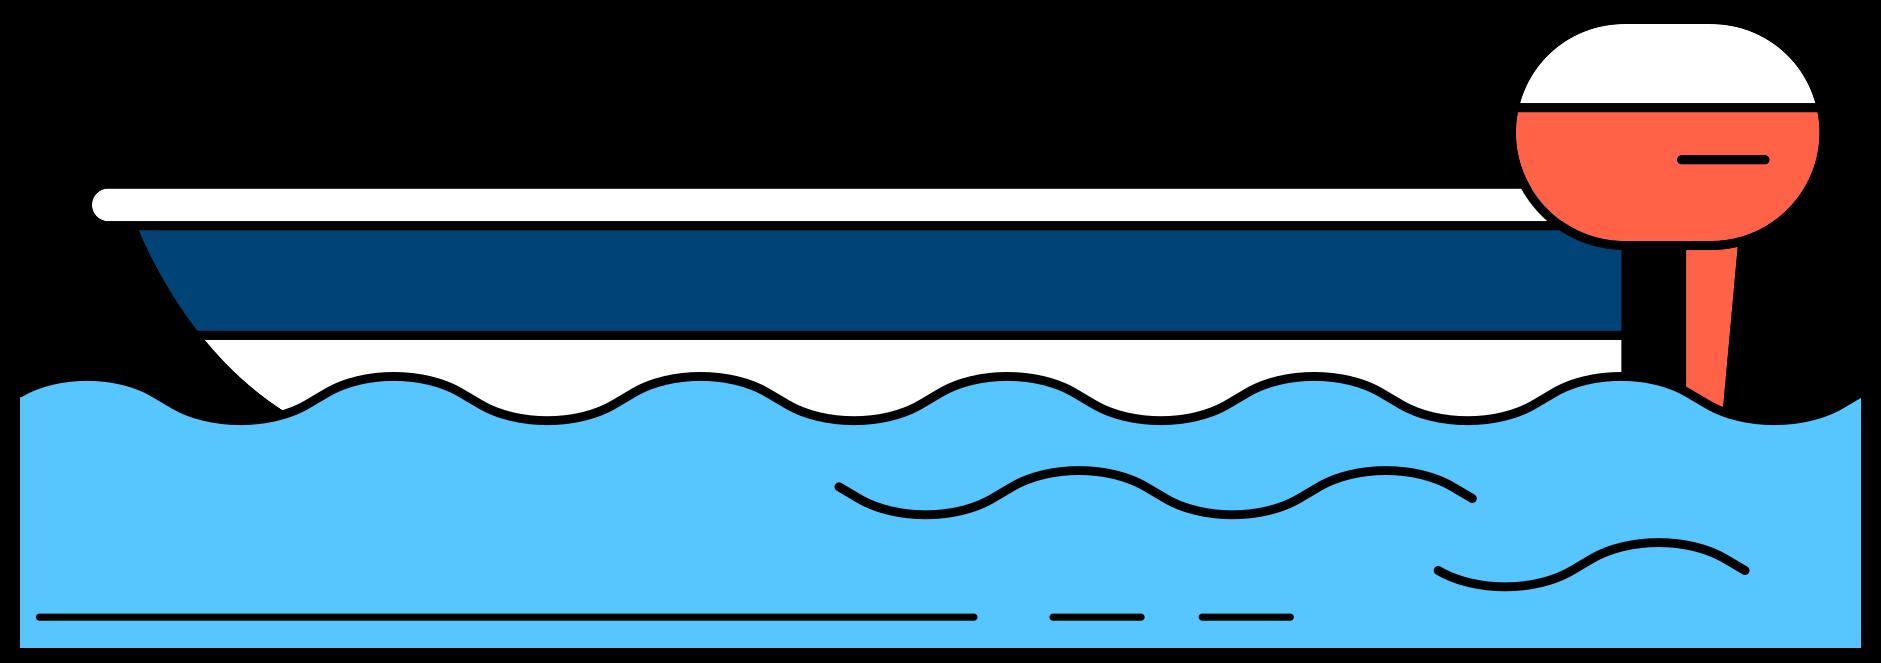 vissersboot png